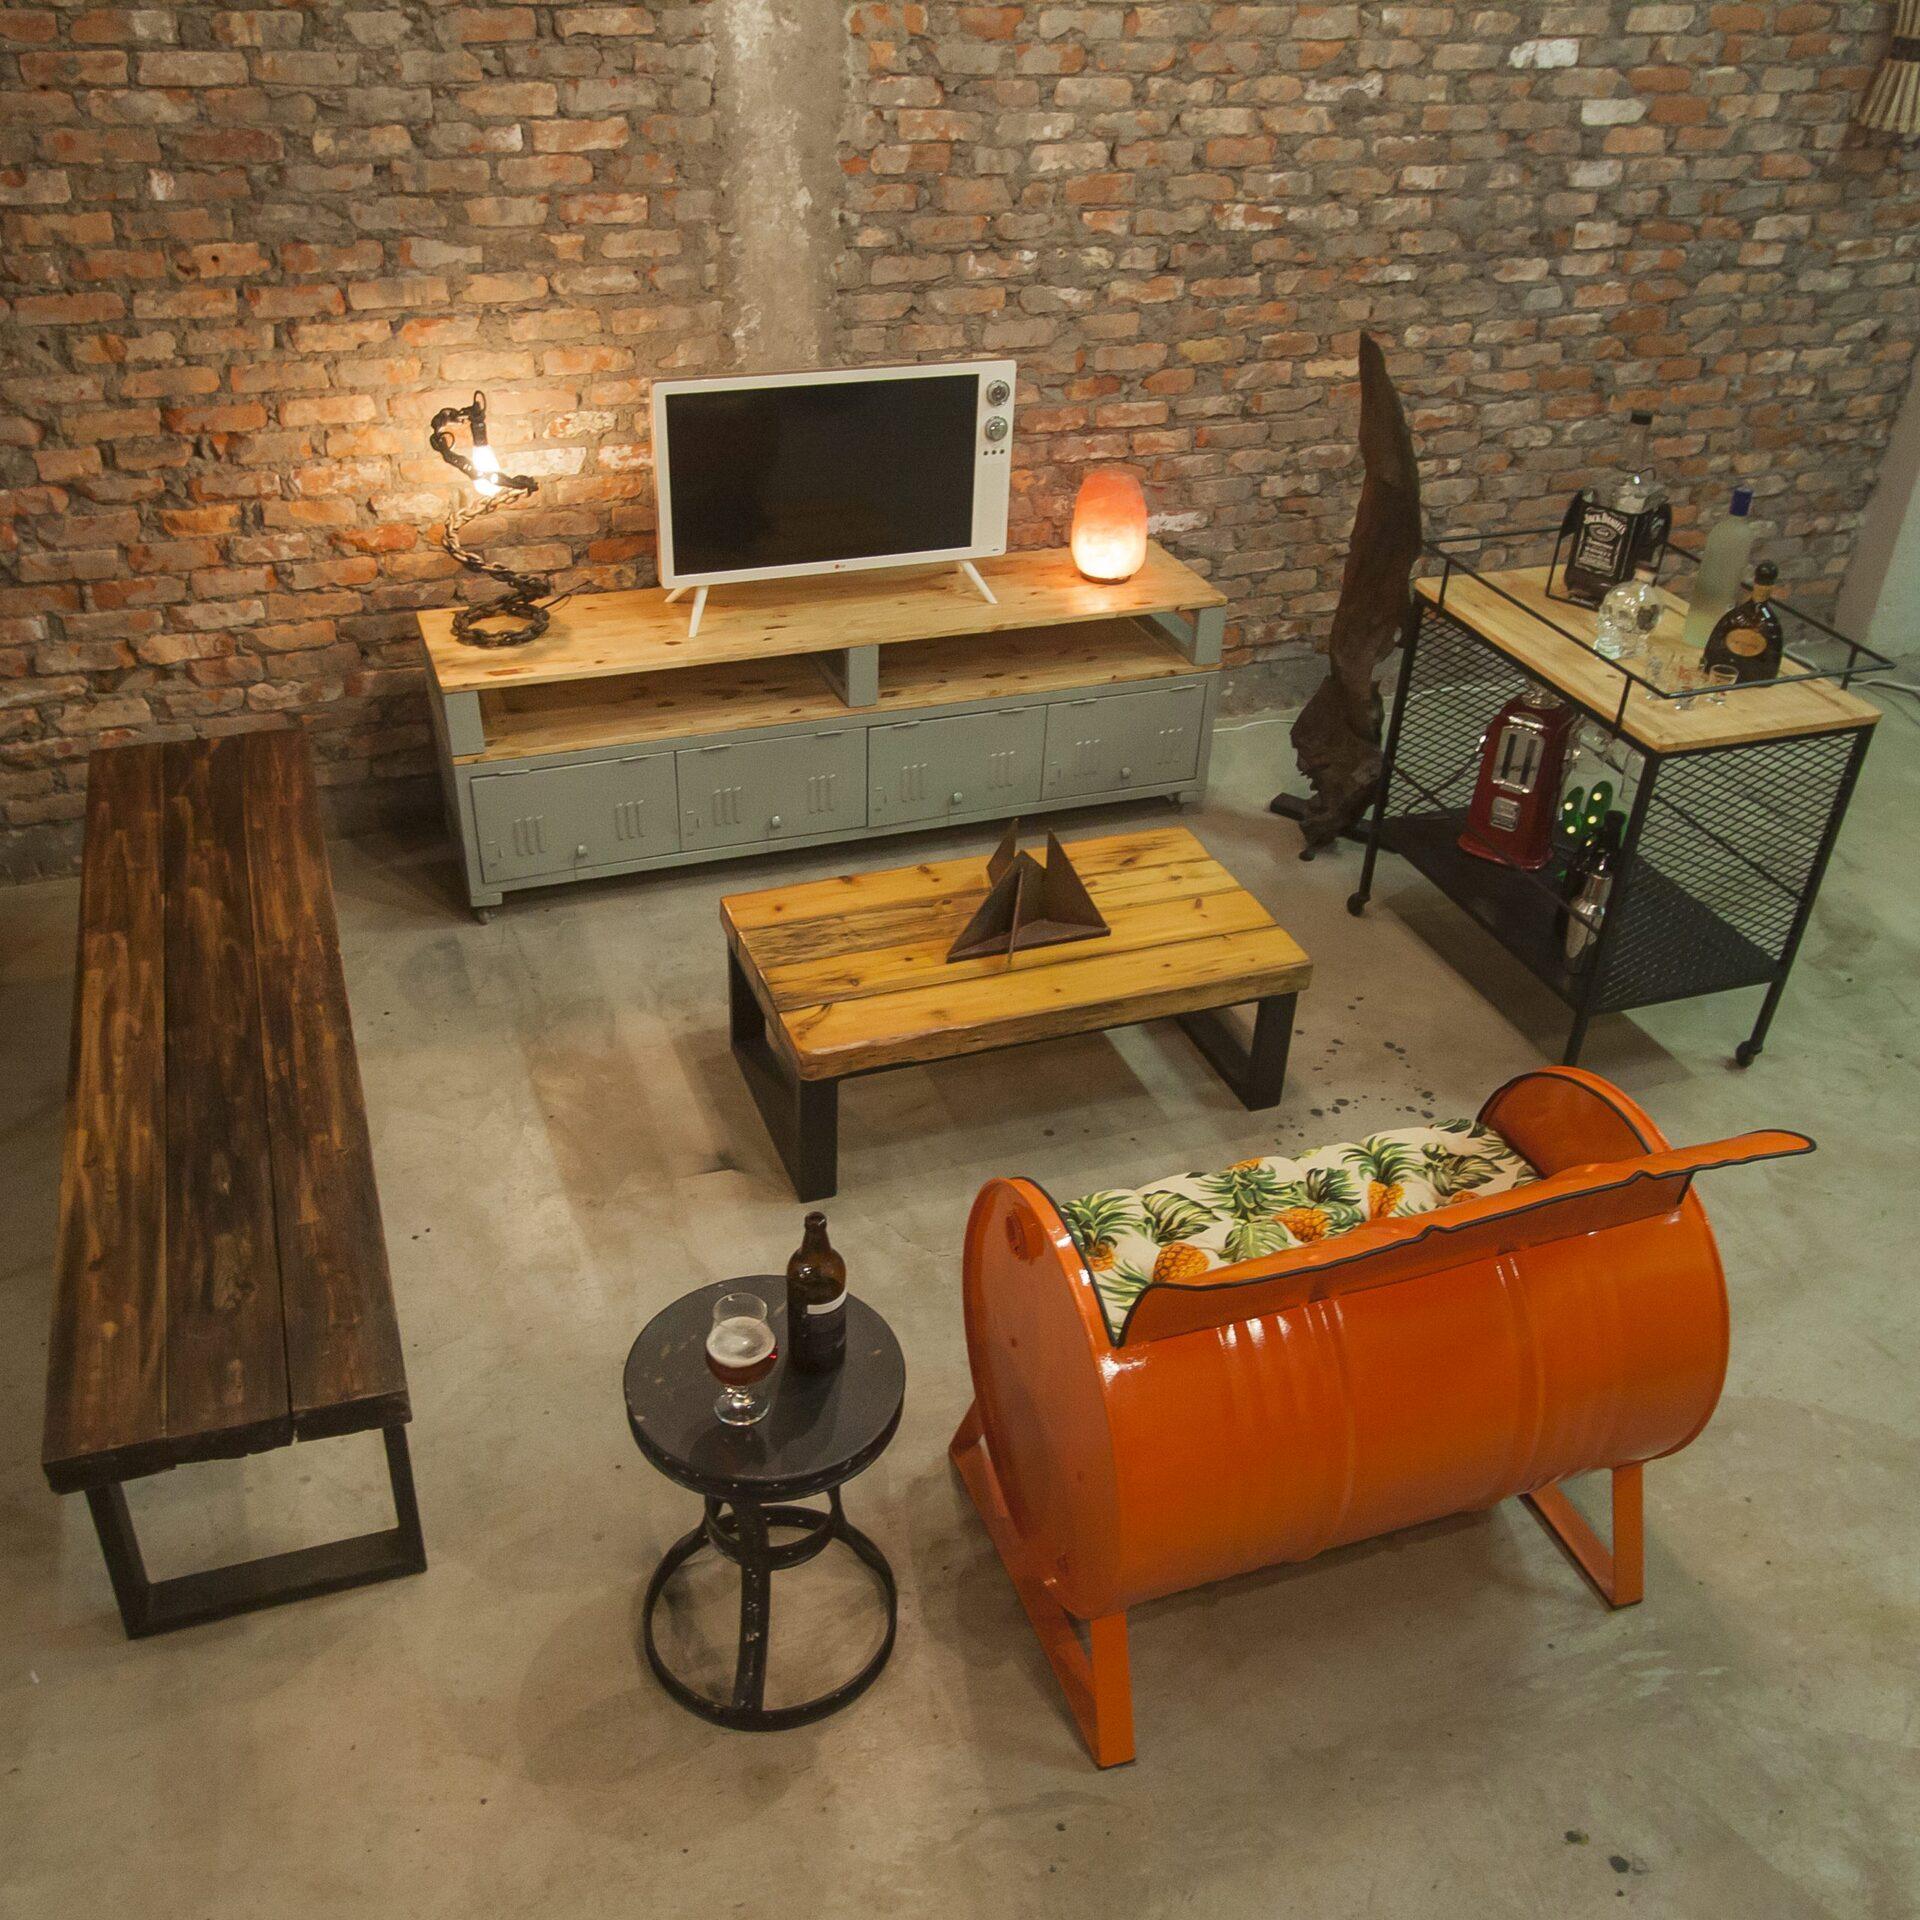 Os móveis da Insana Design são todos construídos artesanalmente a partir do conceito de upcycle